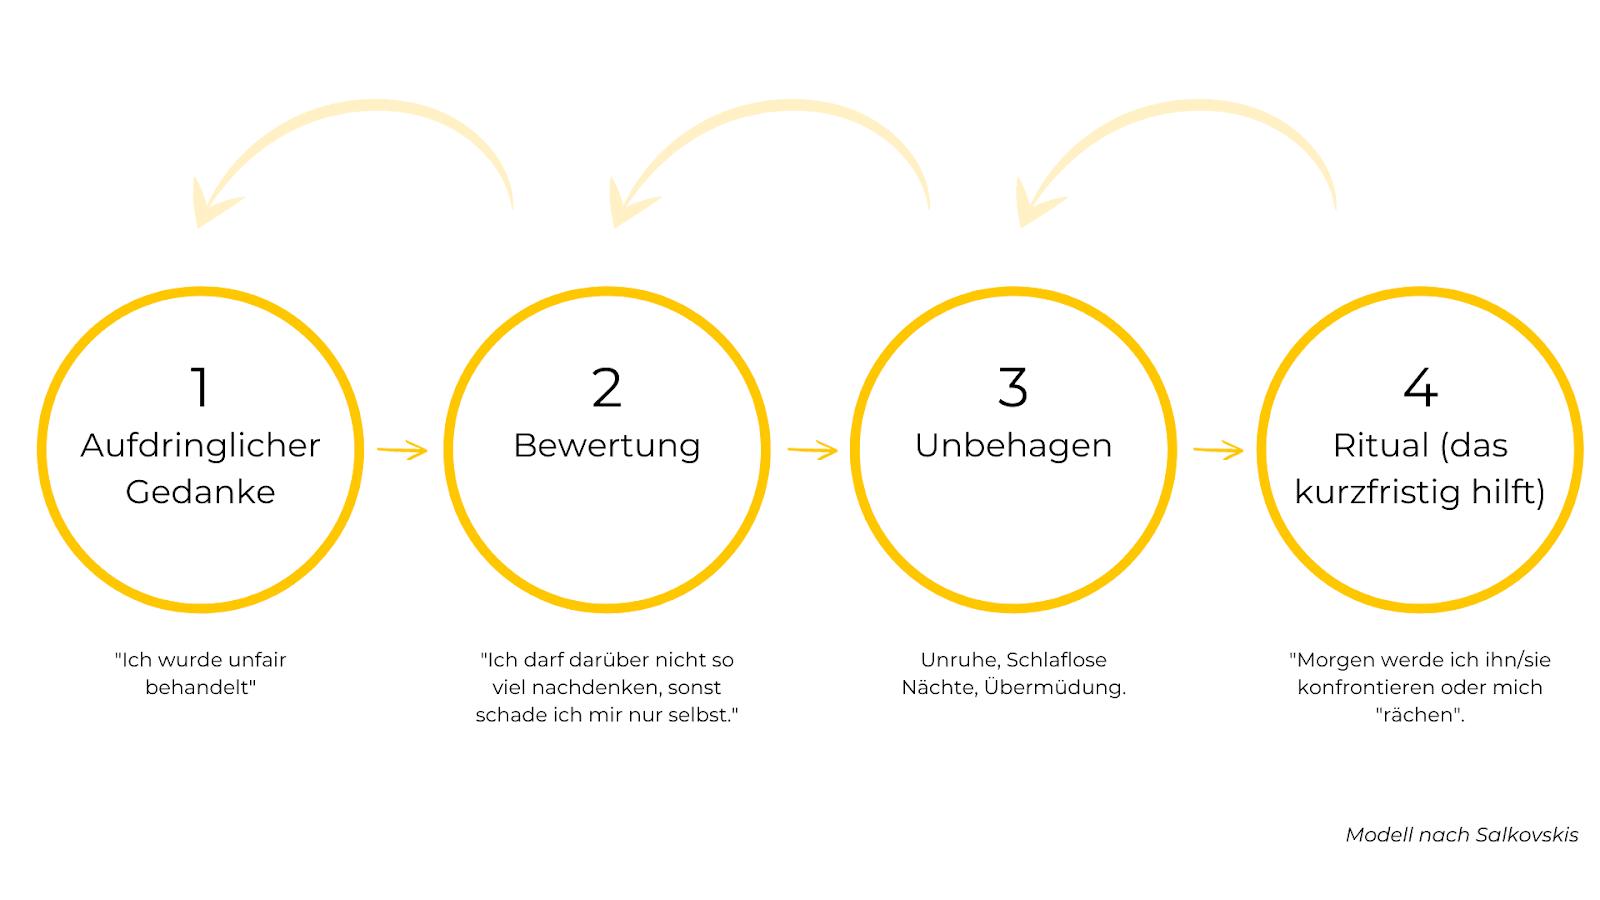 Gedankenkarussell stoppen-Modell